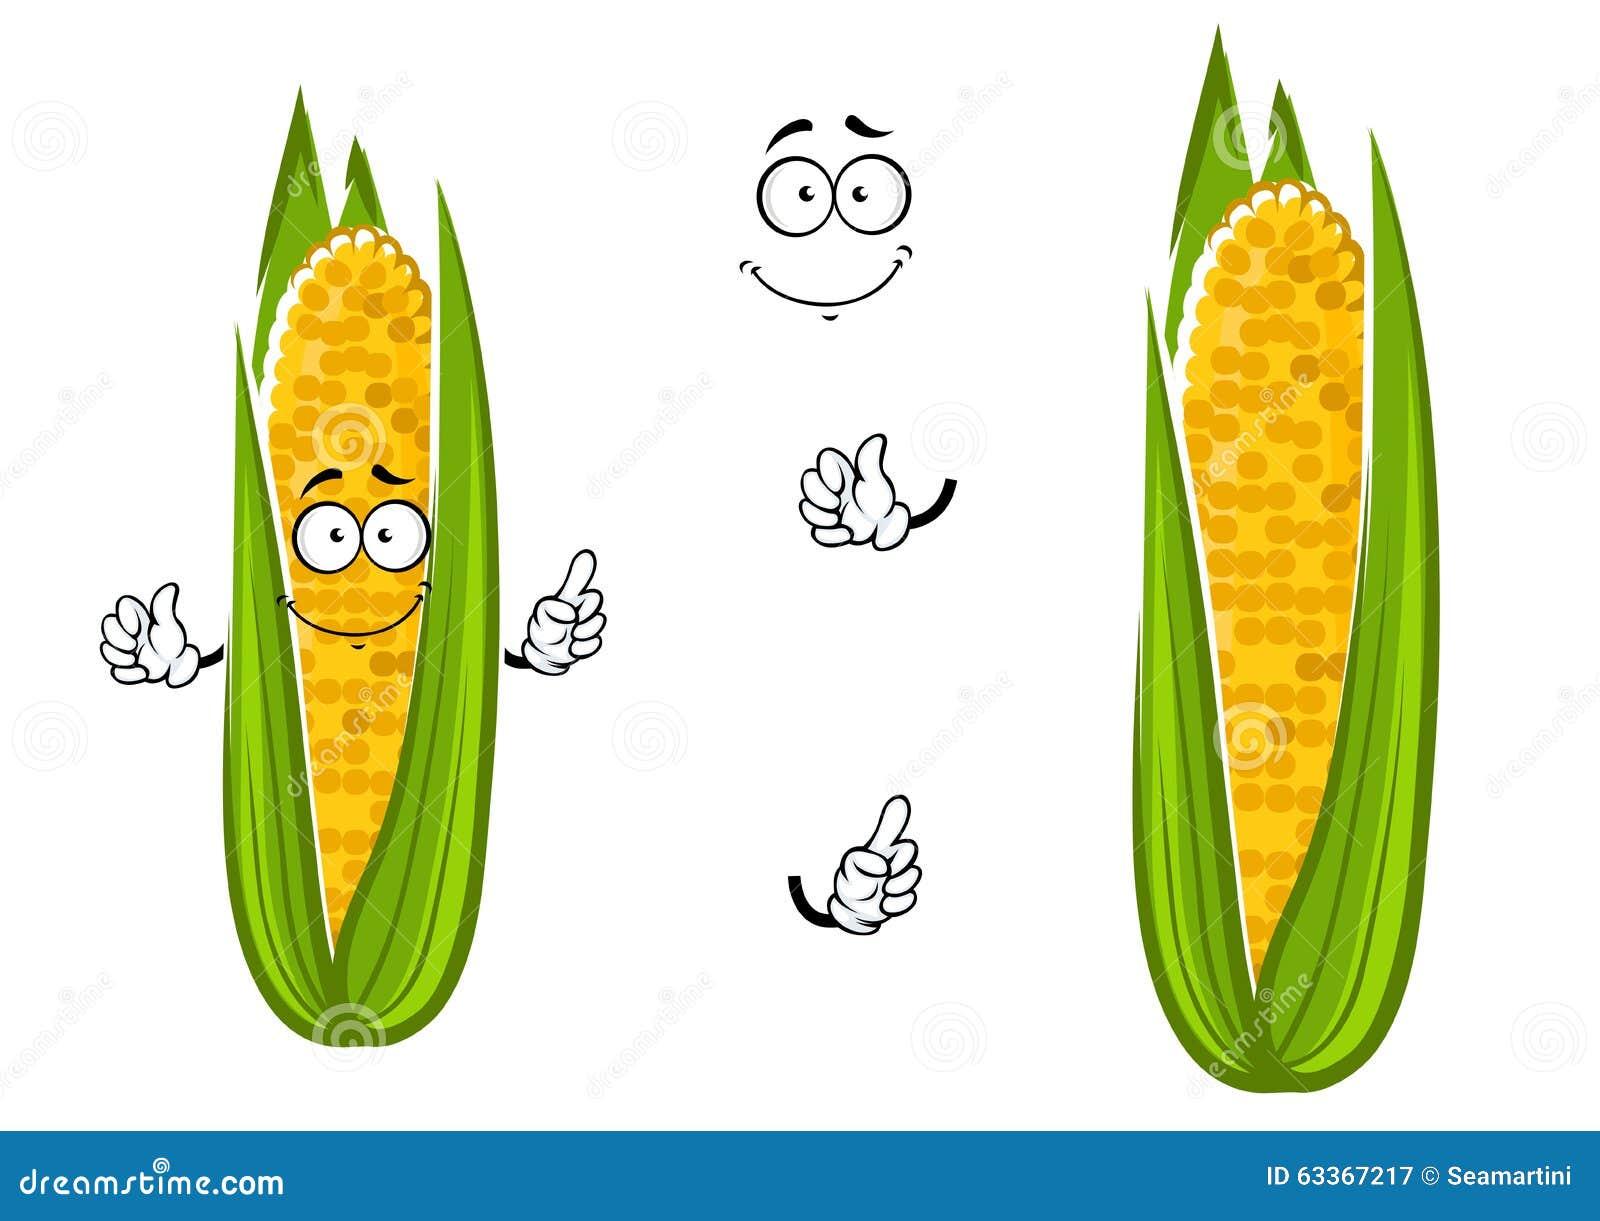 Cartoon Cob Of Juicy Sweet Corn Vegetable Stock Vector